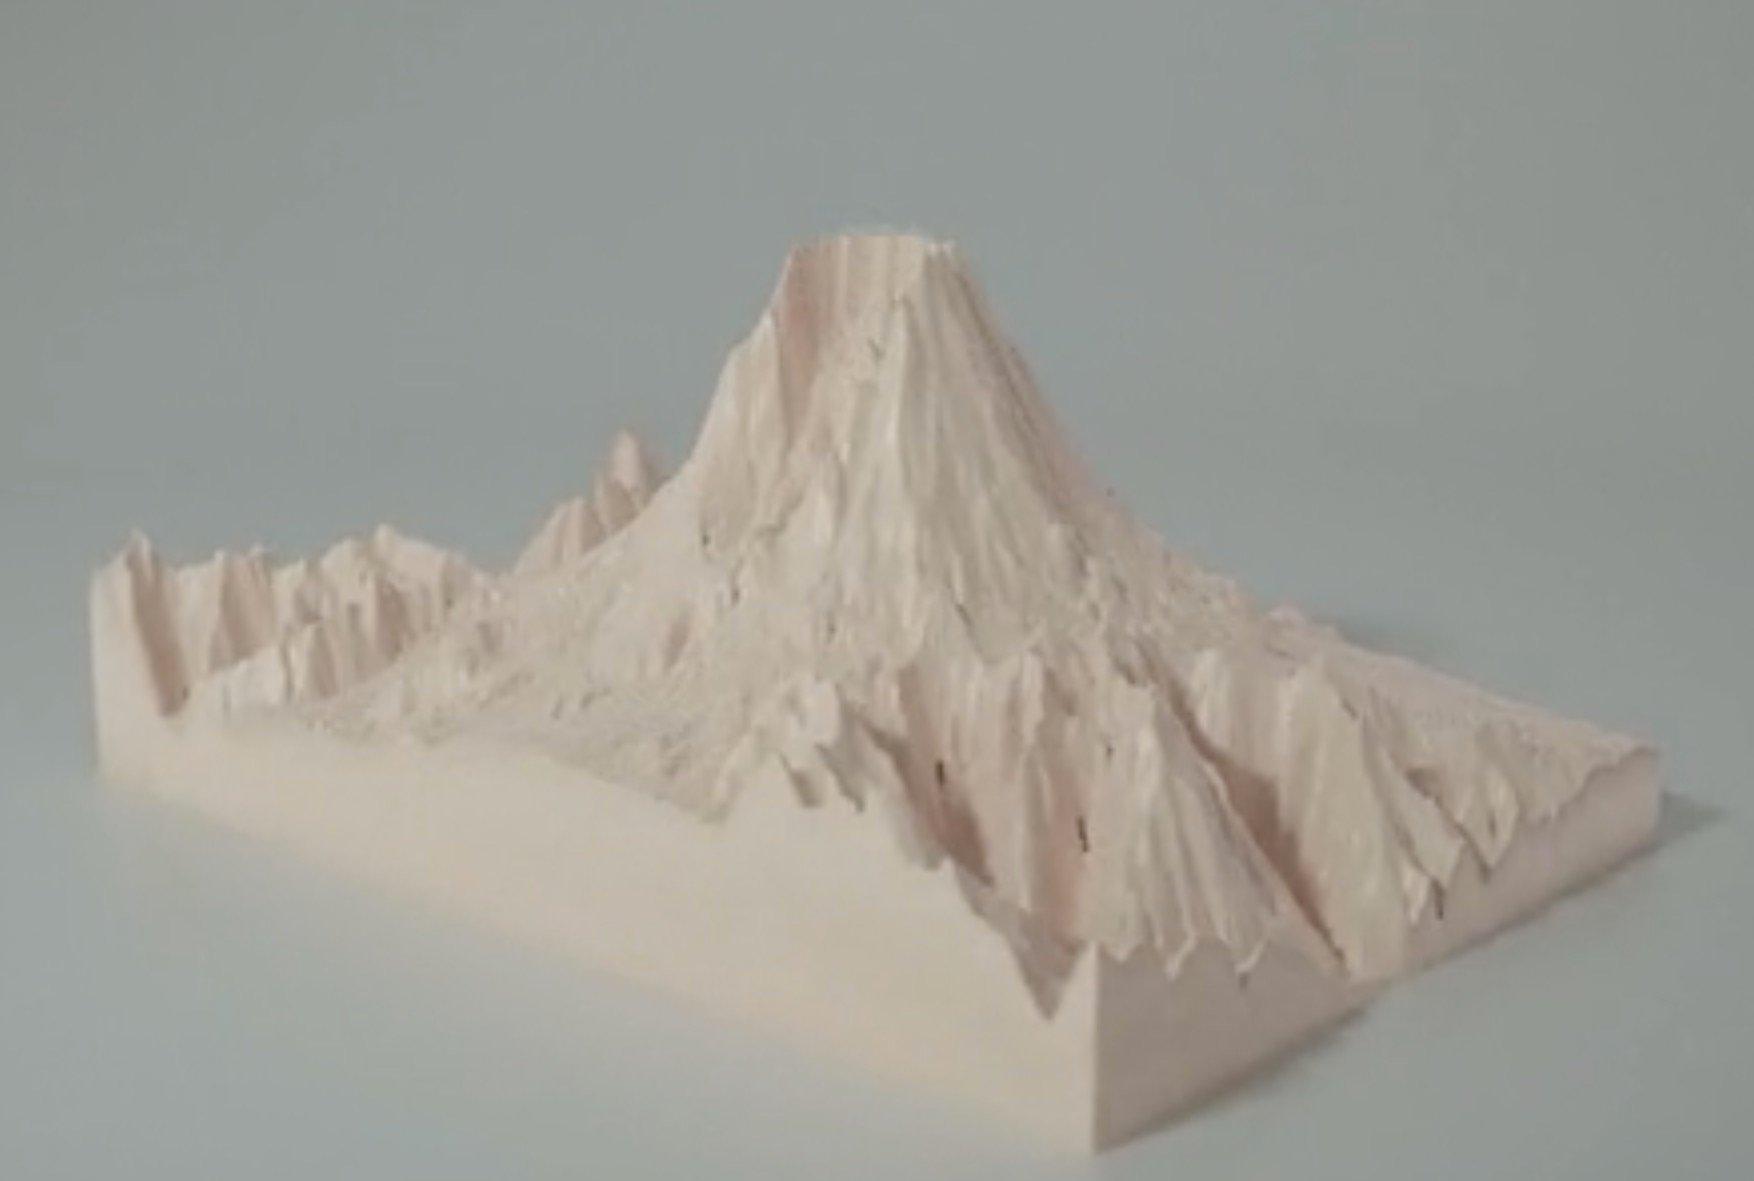 Sightline Maps Produces Instant 3D Printable Terrains